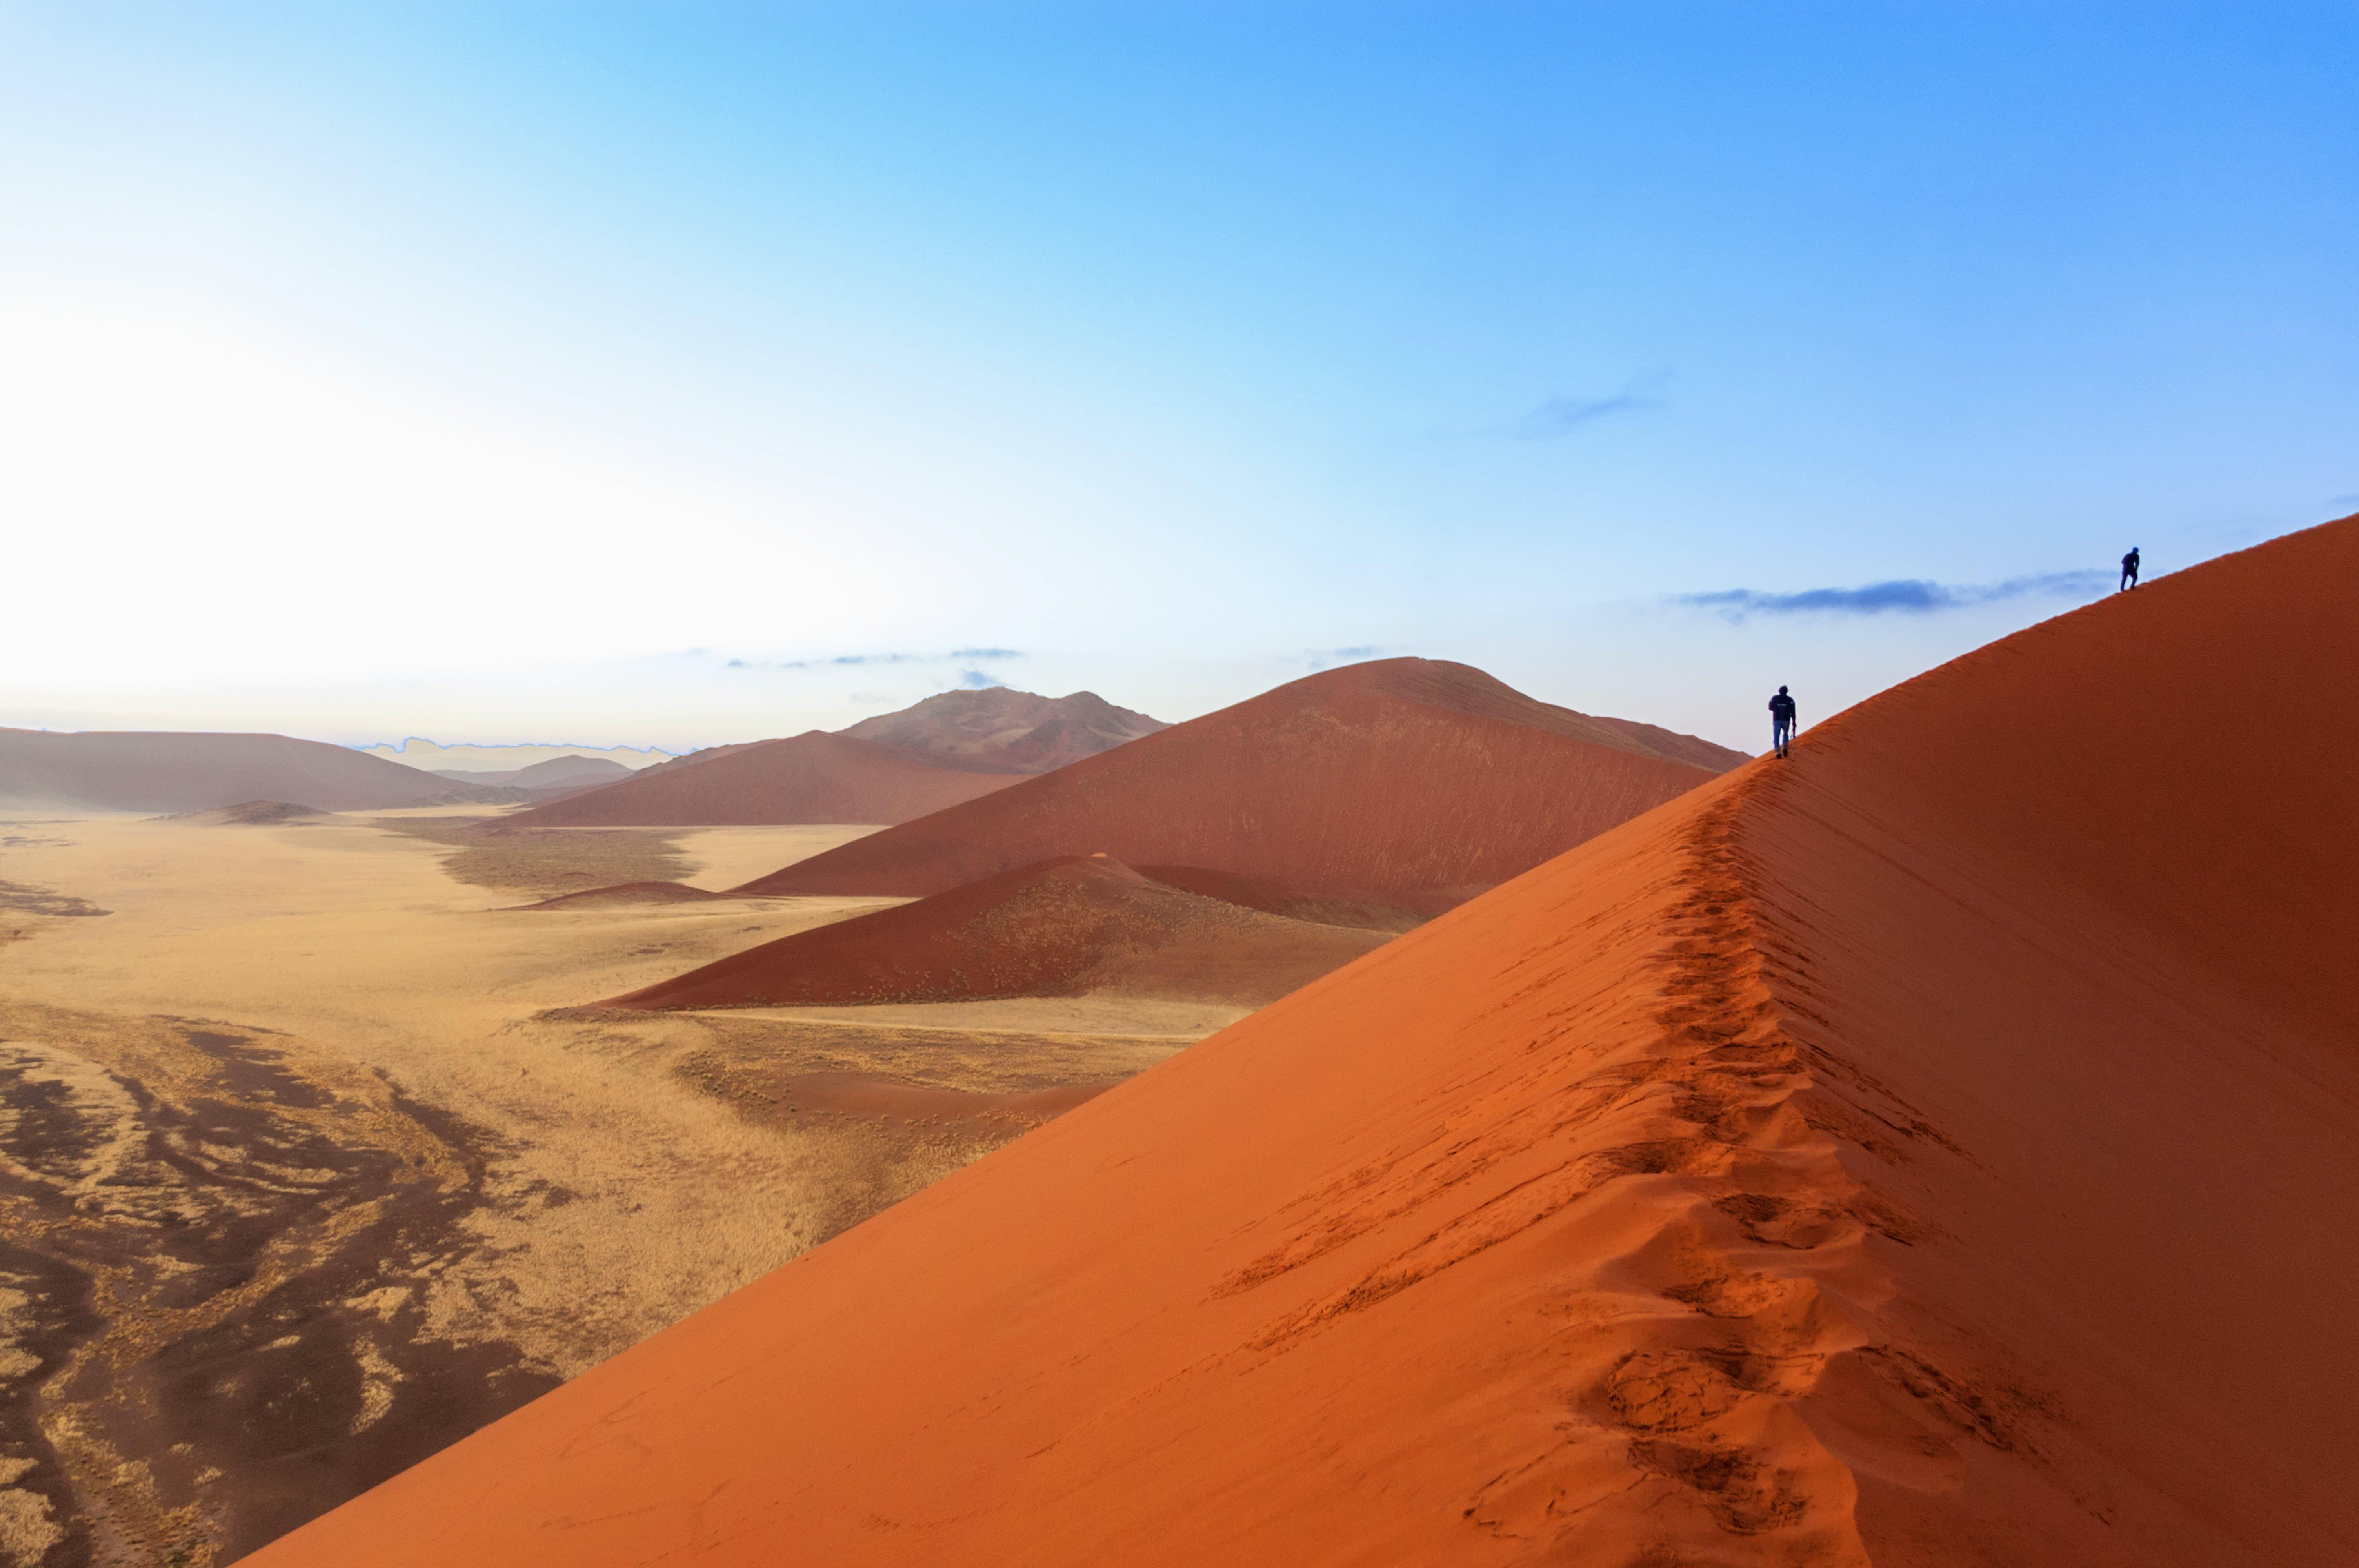 Nähe des Sossusvlei befinden sich spektakuläre Sanddünen